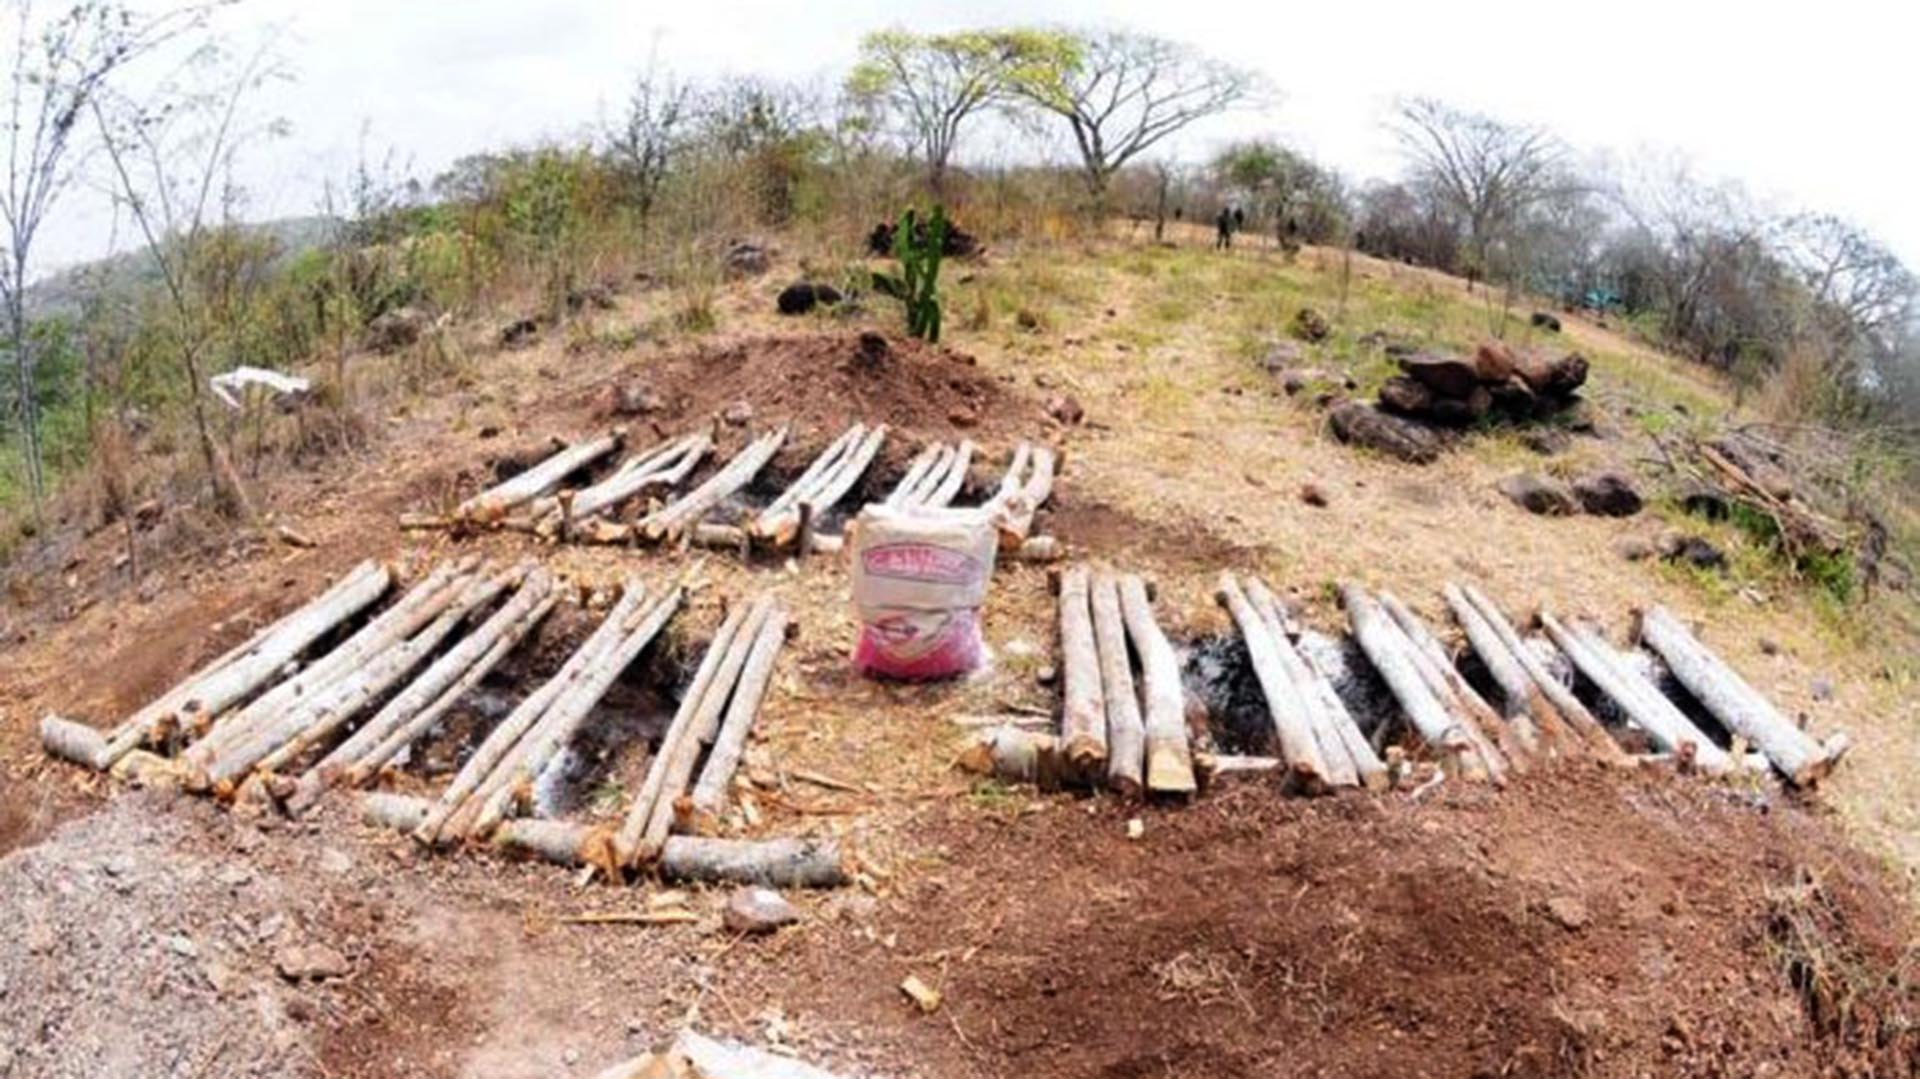 En un año, un solo colectivo encontró más de 270 cuerpos en distintas fosas clandestinas. (Foto: Archivo/Infobae)